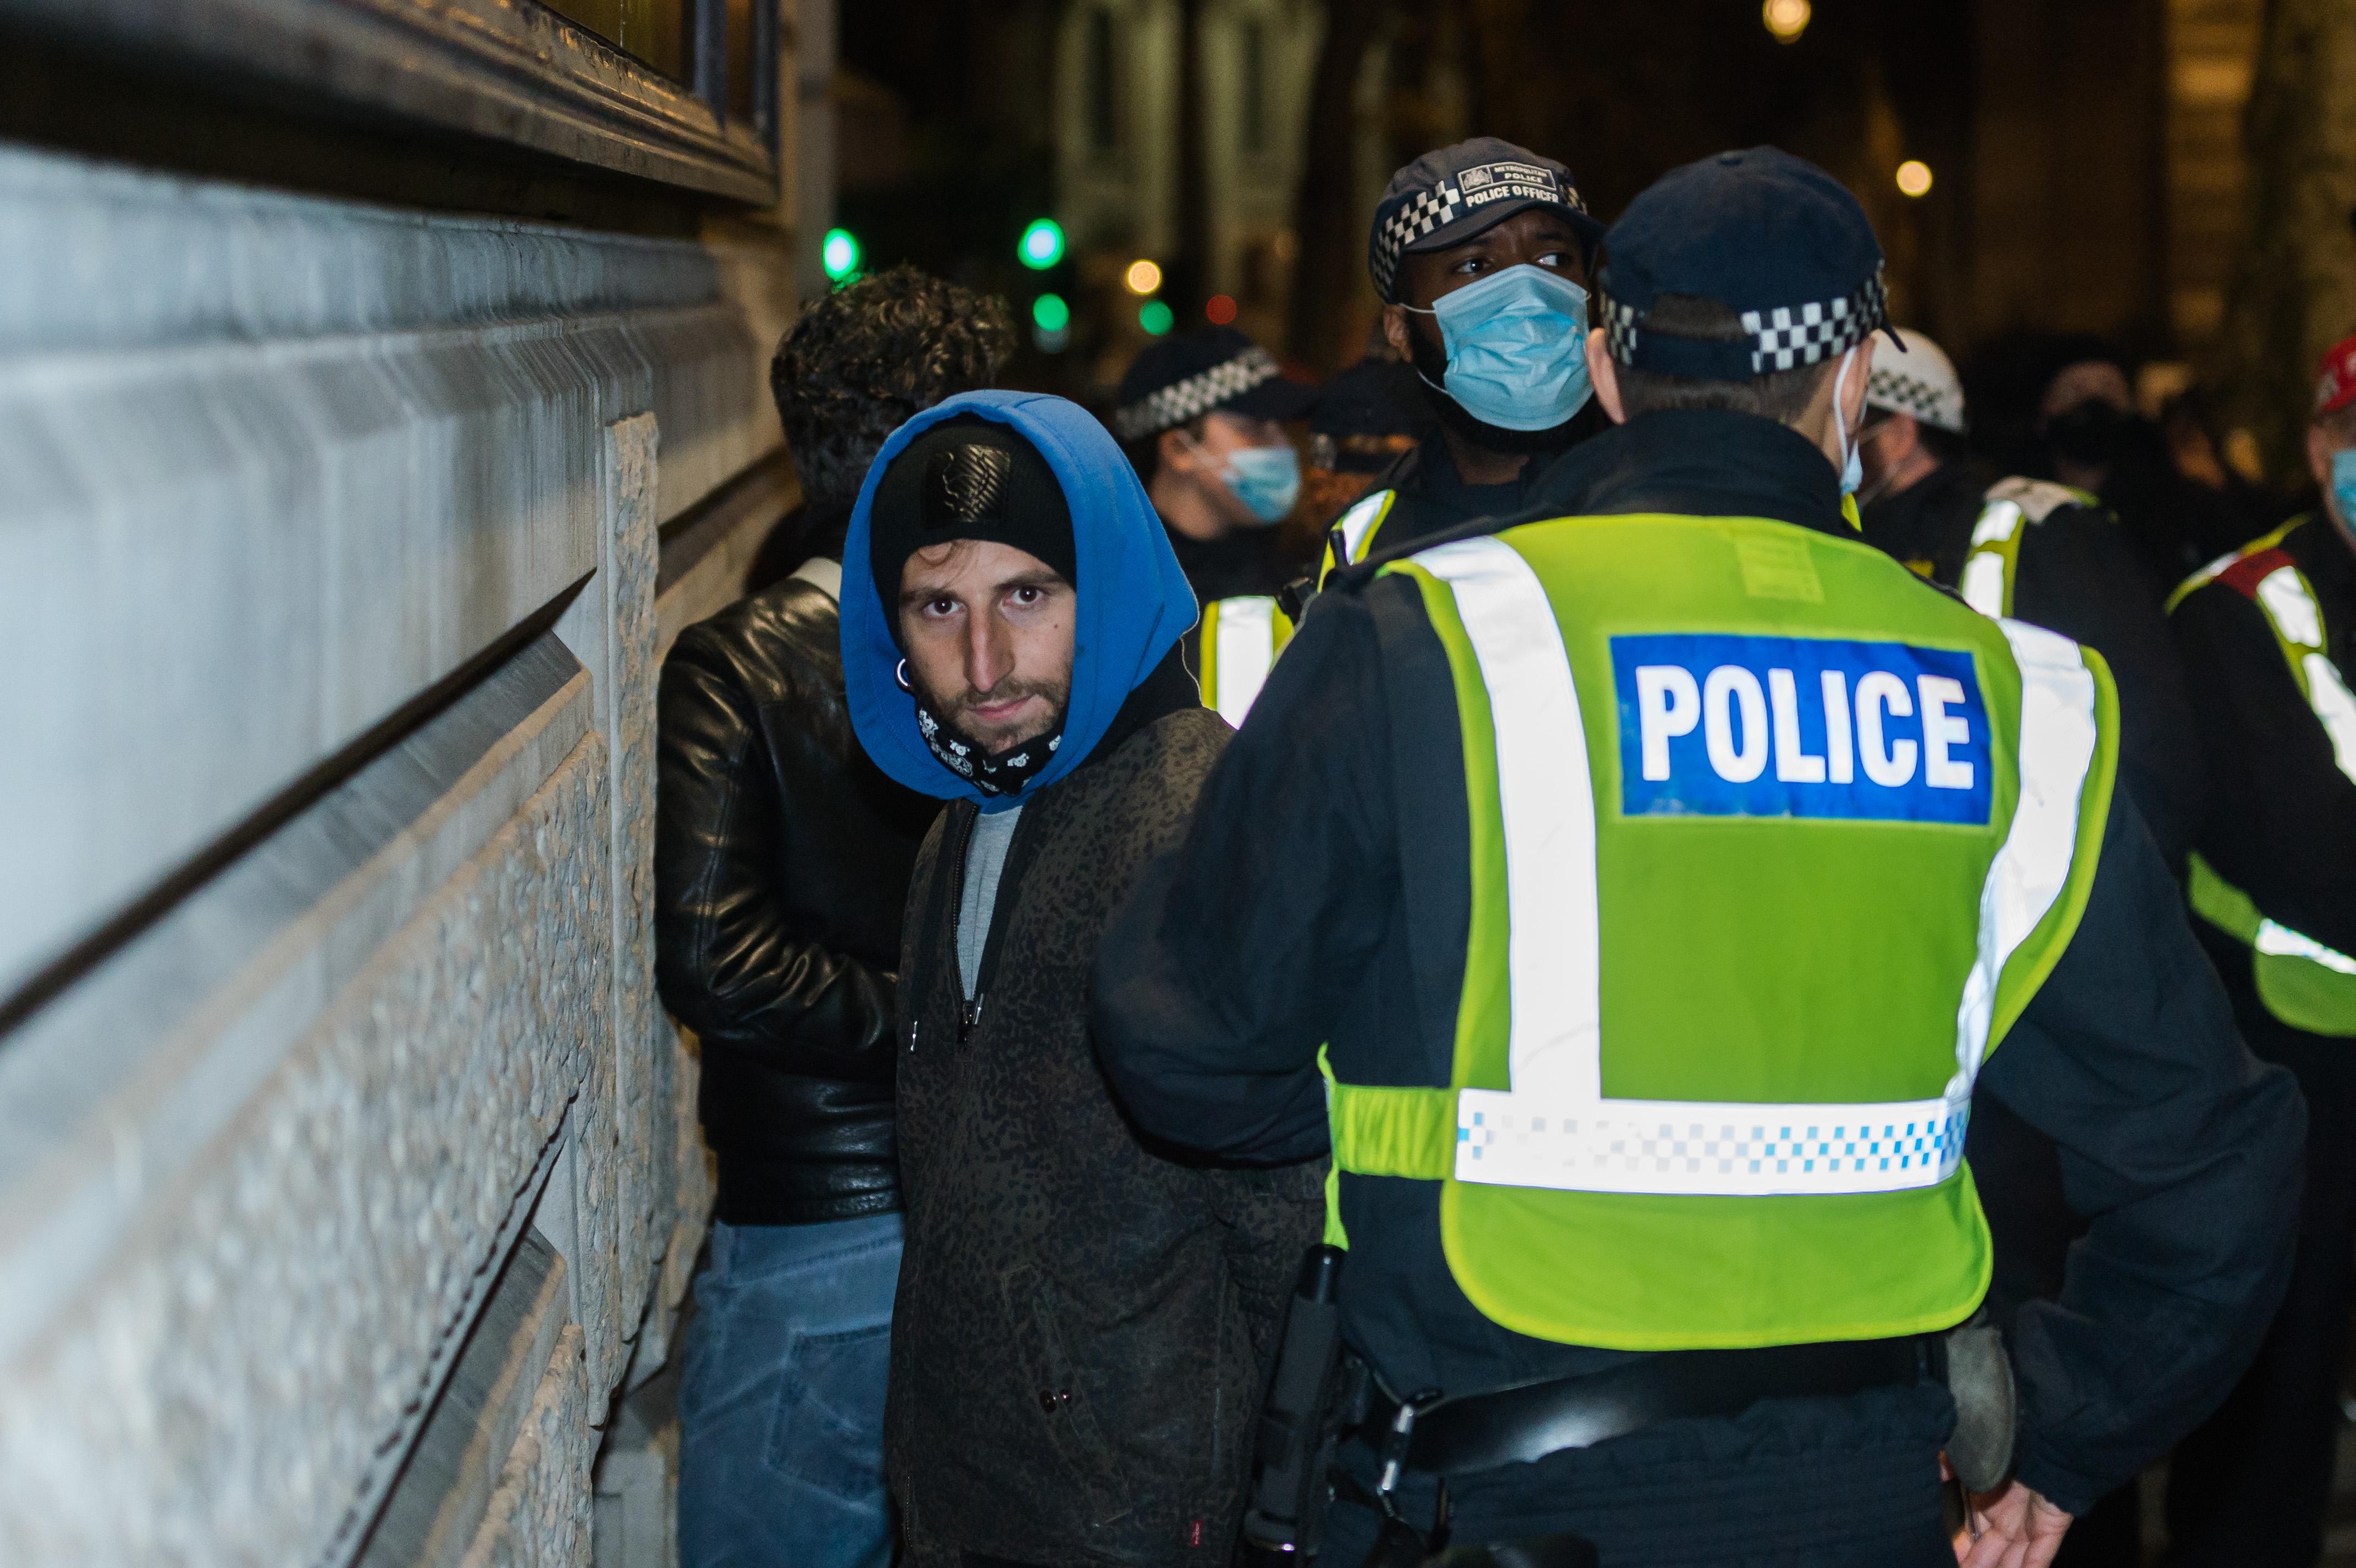 Letartóztattak 104 tüntetőt Londonban, amiért megszegték a frissen bevezetett járványügyi szabályokat